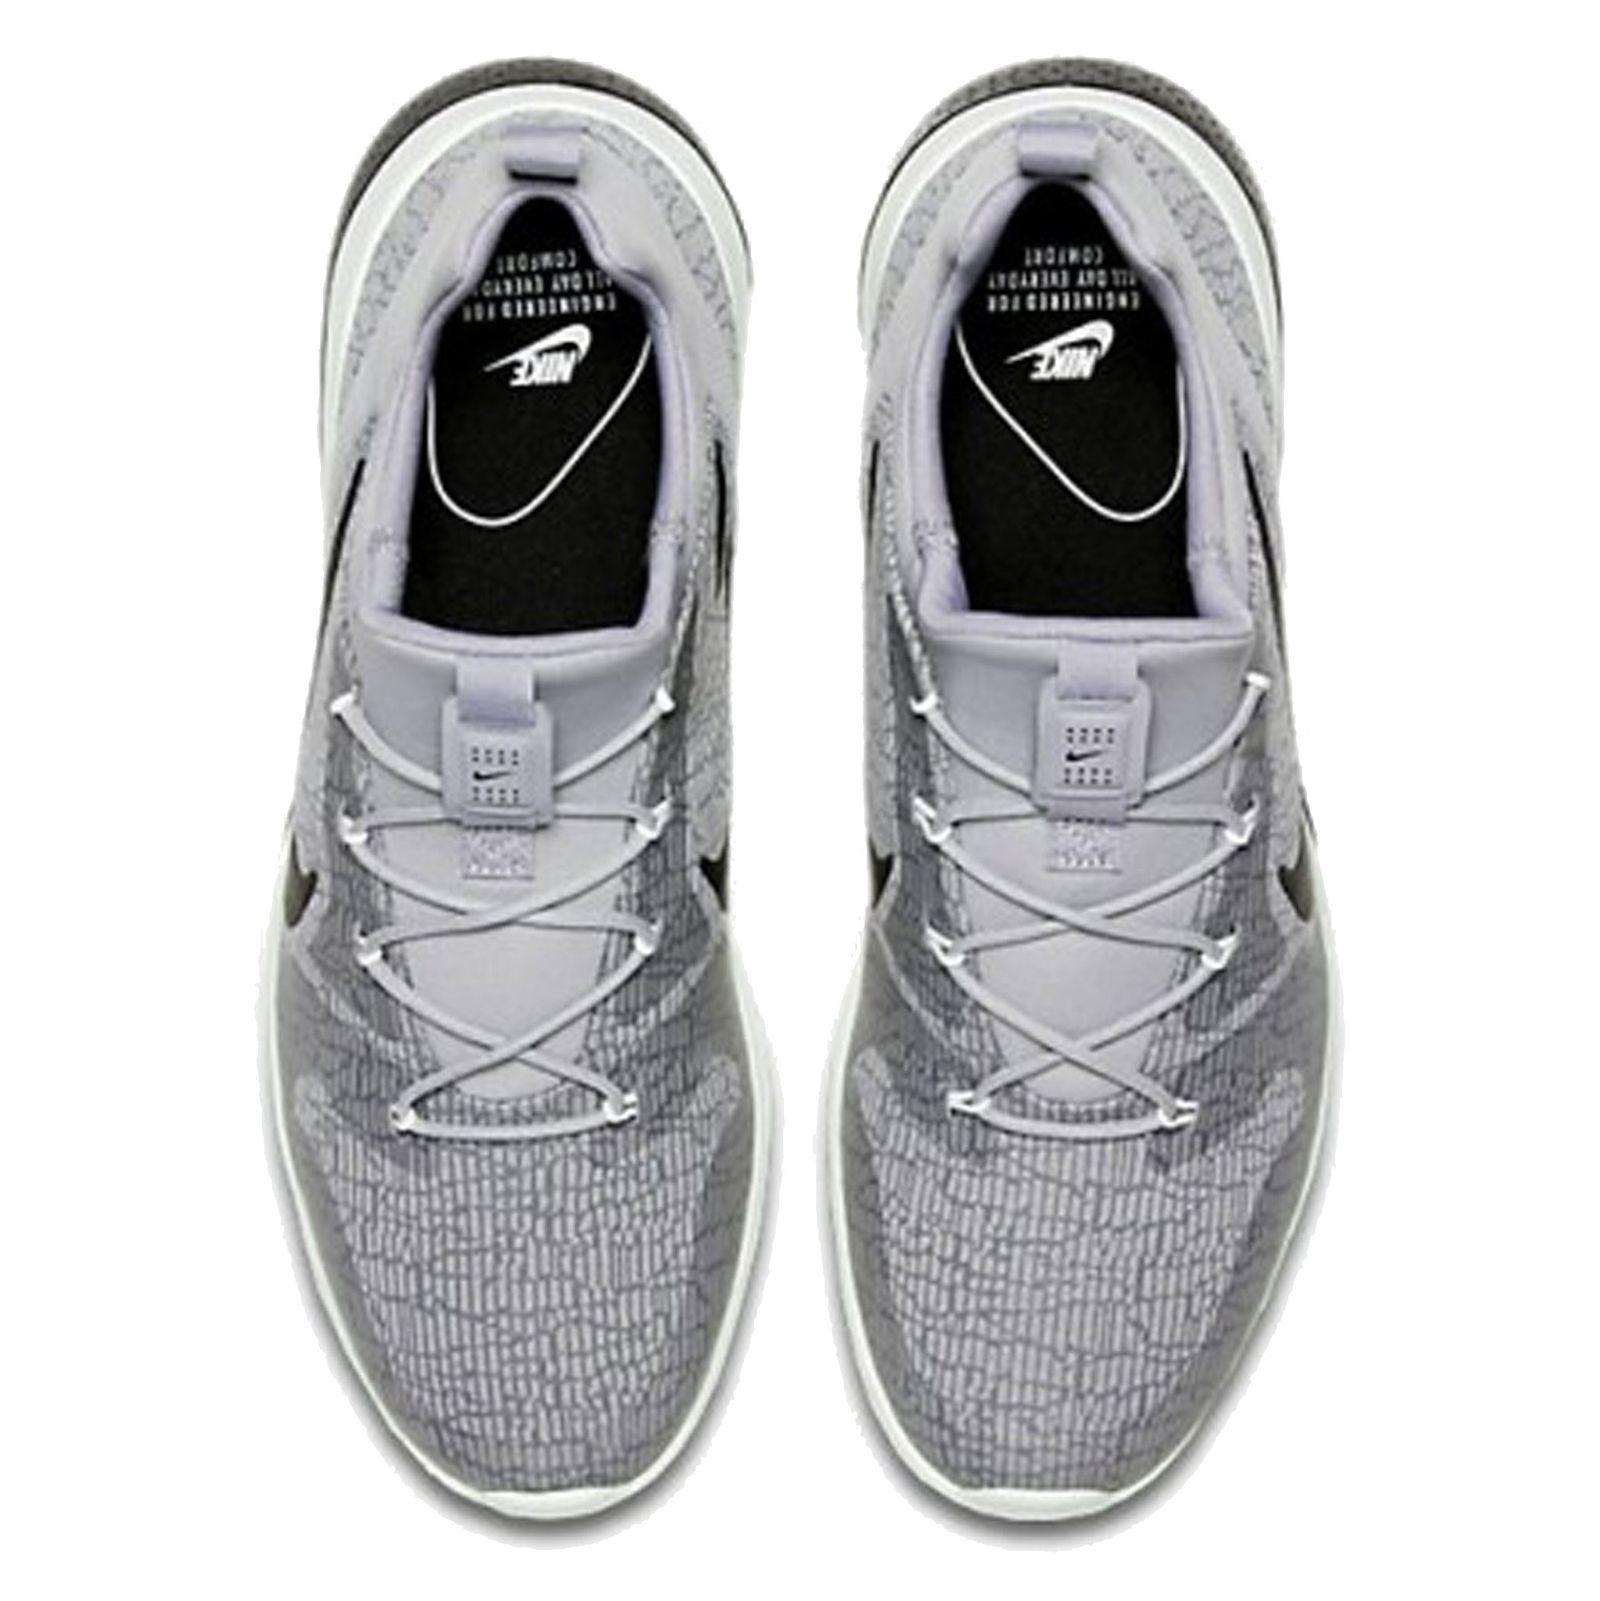 کفش ورزشی بندی دویدن مردانه Ck Racer - نایکی - طوسي روشن - 4